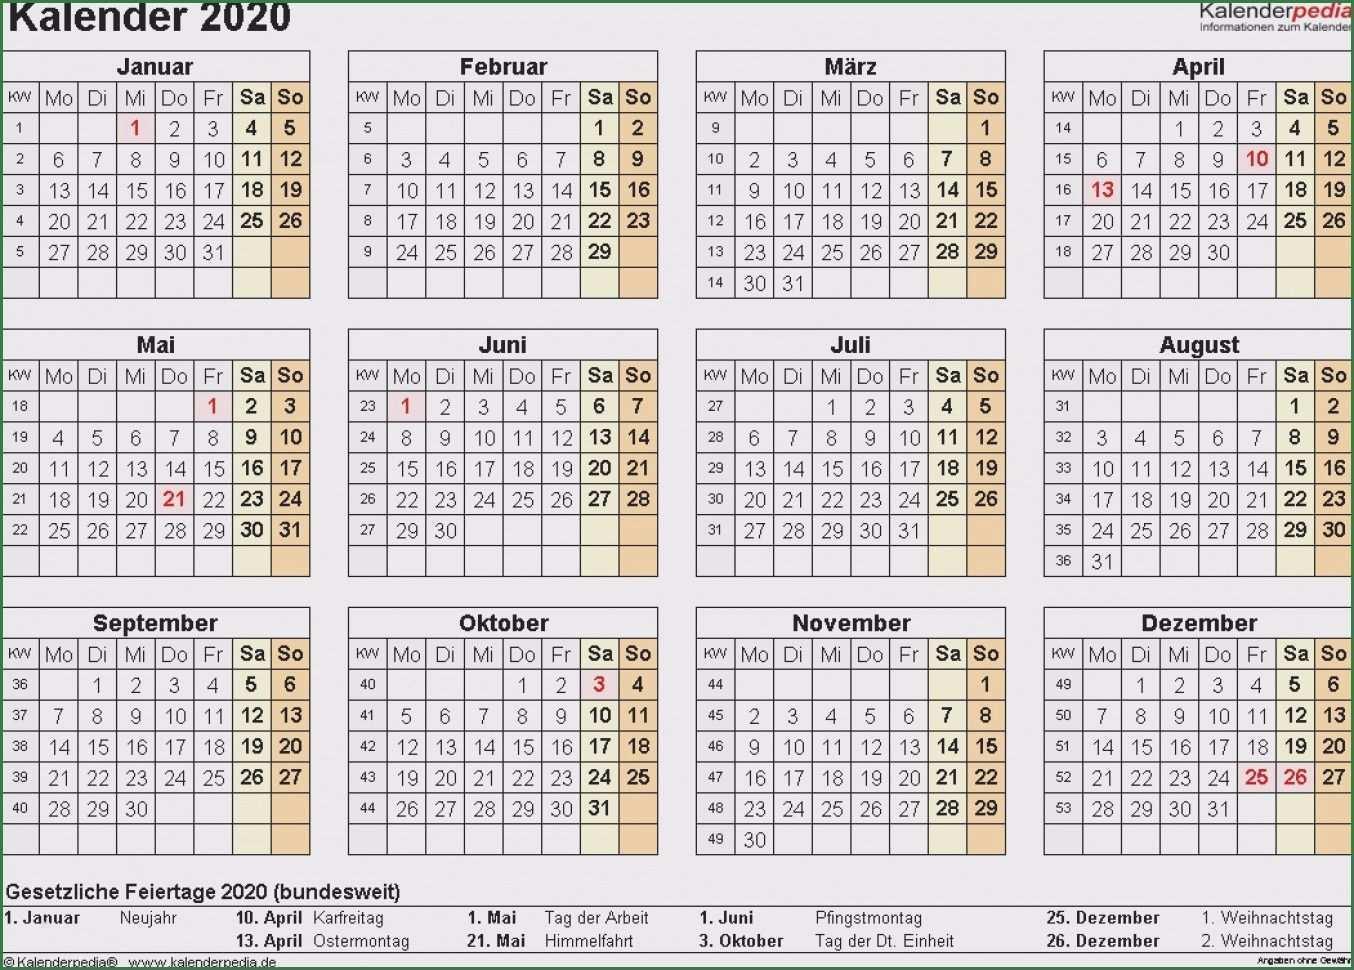 Atemberaubend Kalender 2016 Vorlage Indesign Sie Mochten Sofort Kopieren Kalender Vorlagen Kalender 2016 Indesign Vorlagen